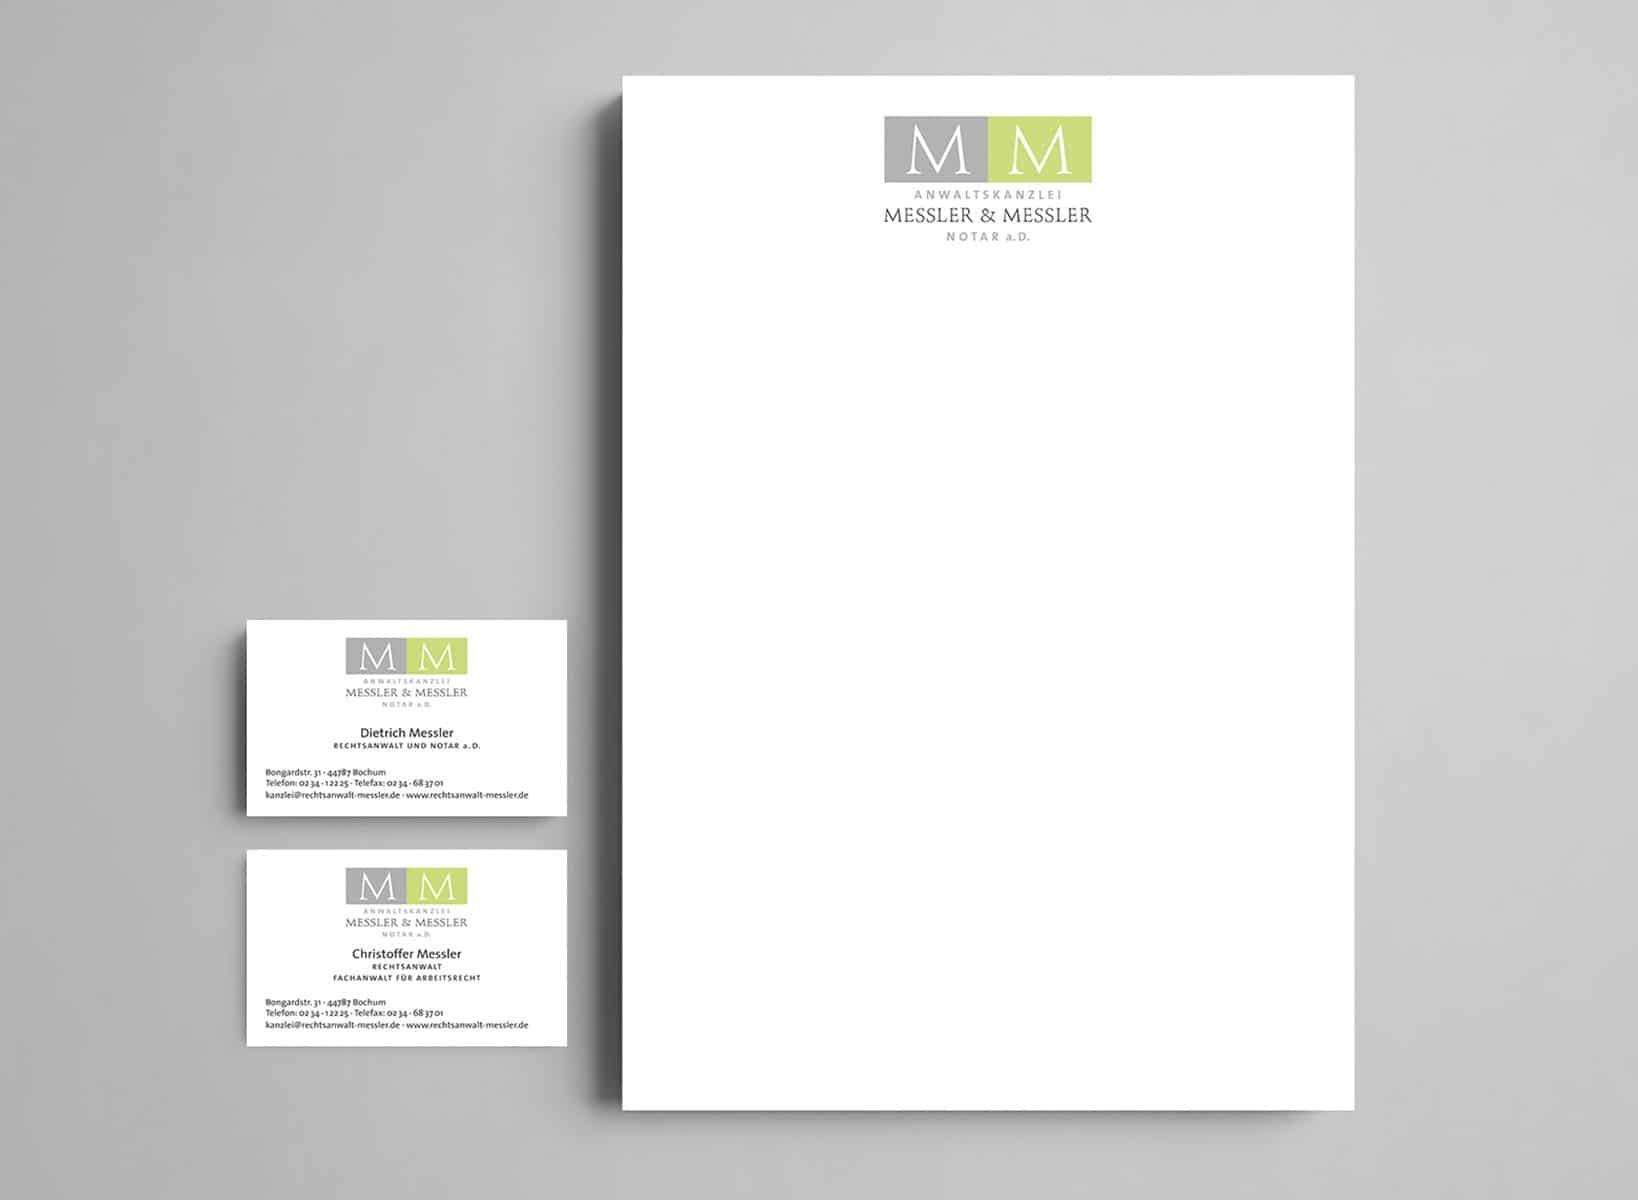 vh-crossmedia | Volker Heupel | Referenzen